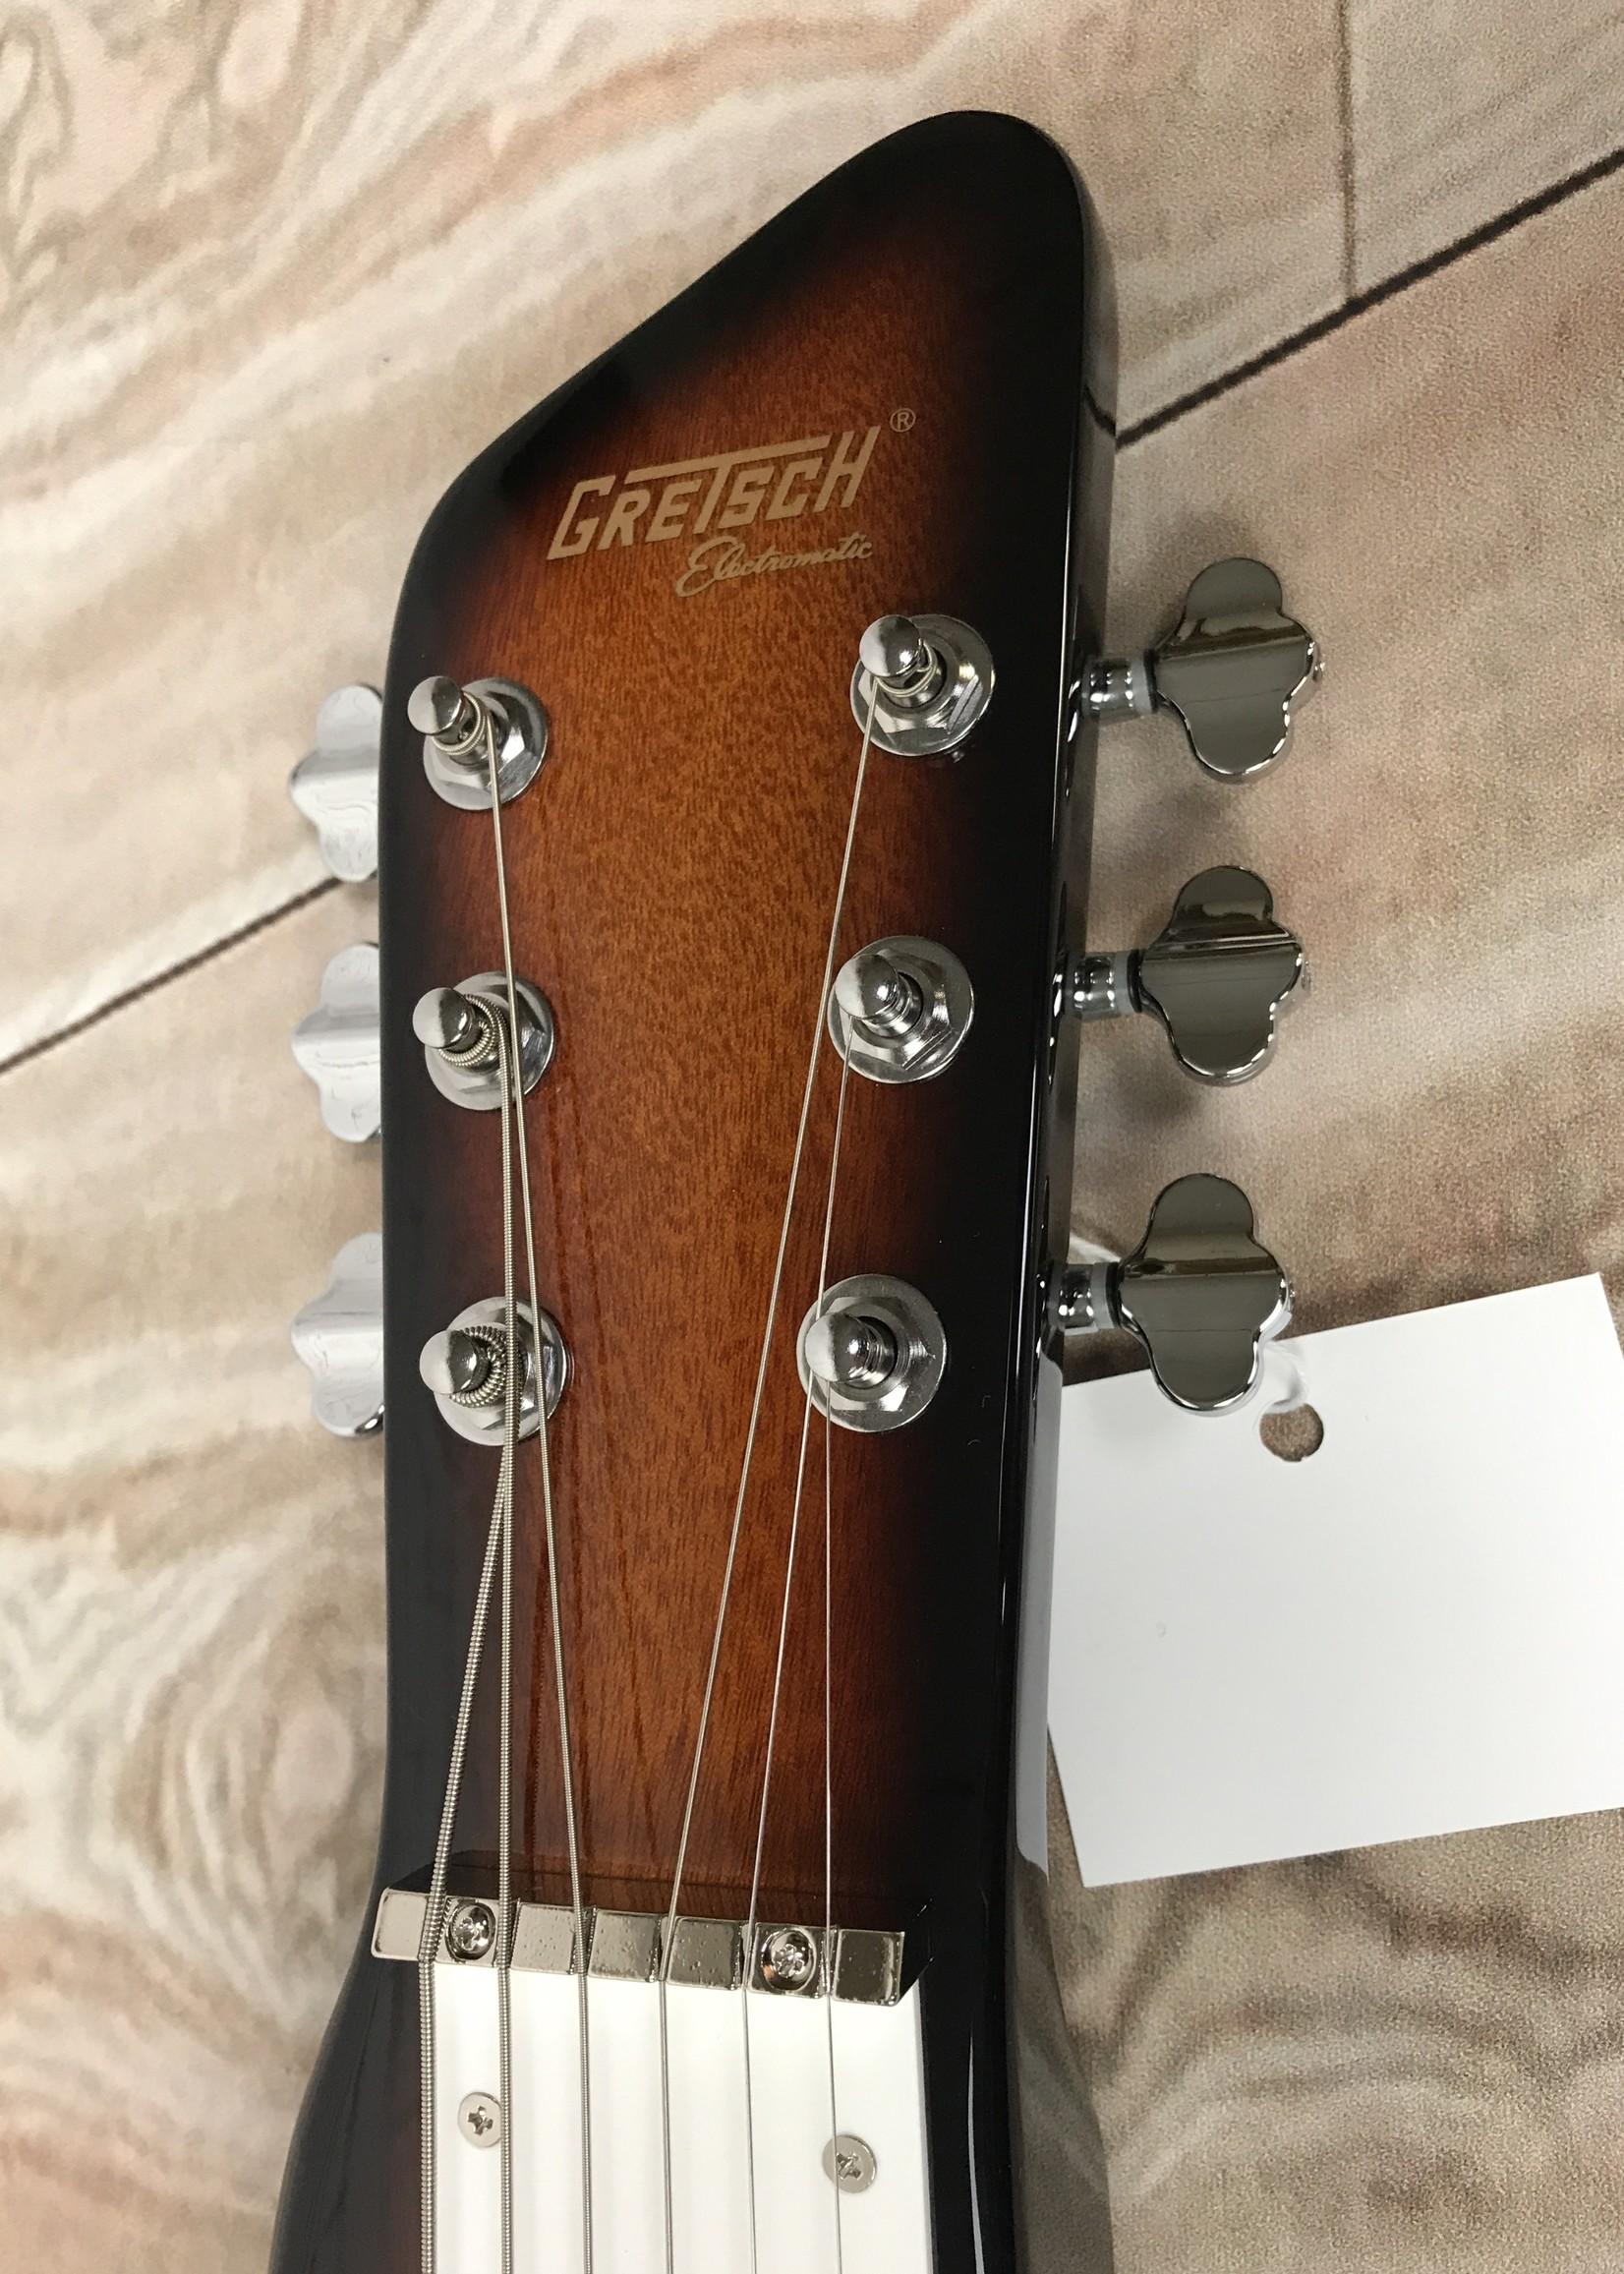 Gretsch G5700 Lap Steel